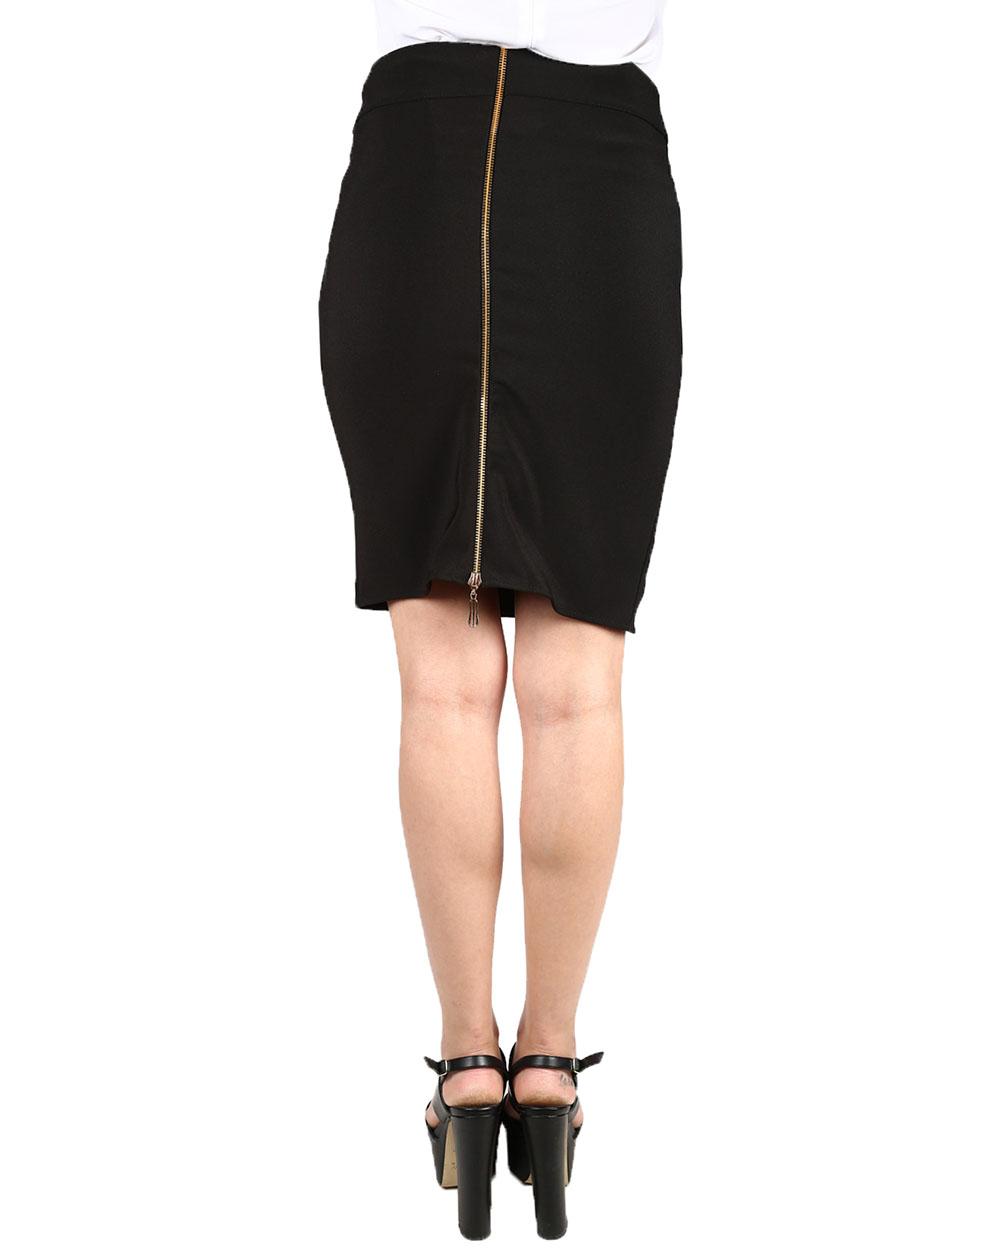 Фото юбки с молнией сзади